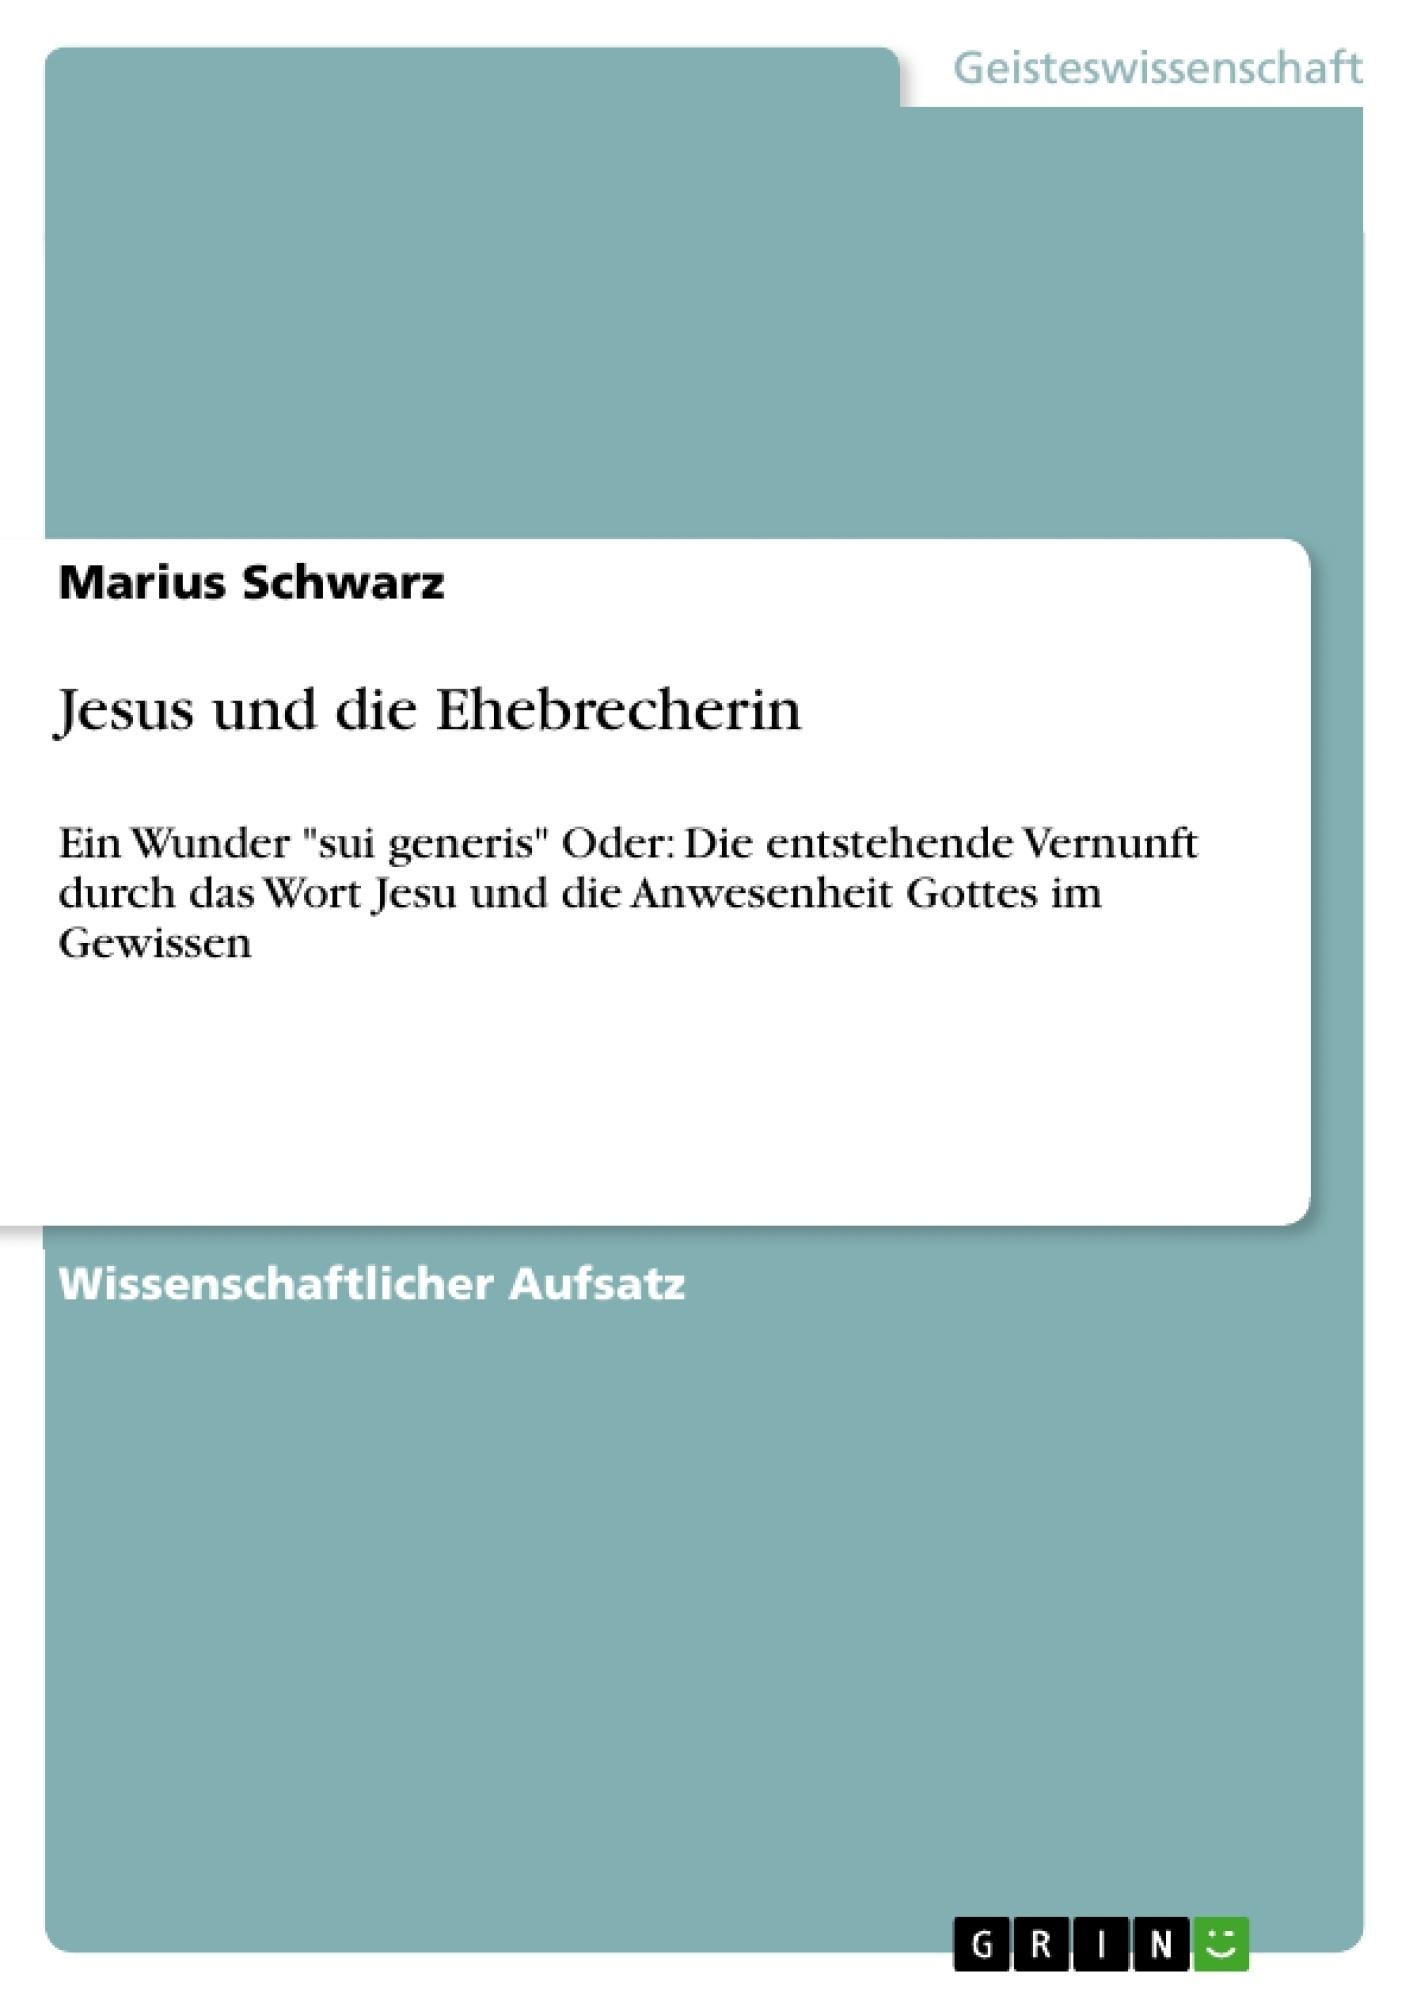 Titel: Jesus und die Ehebrecherin